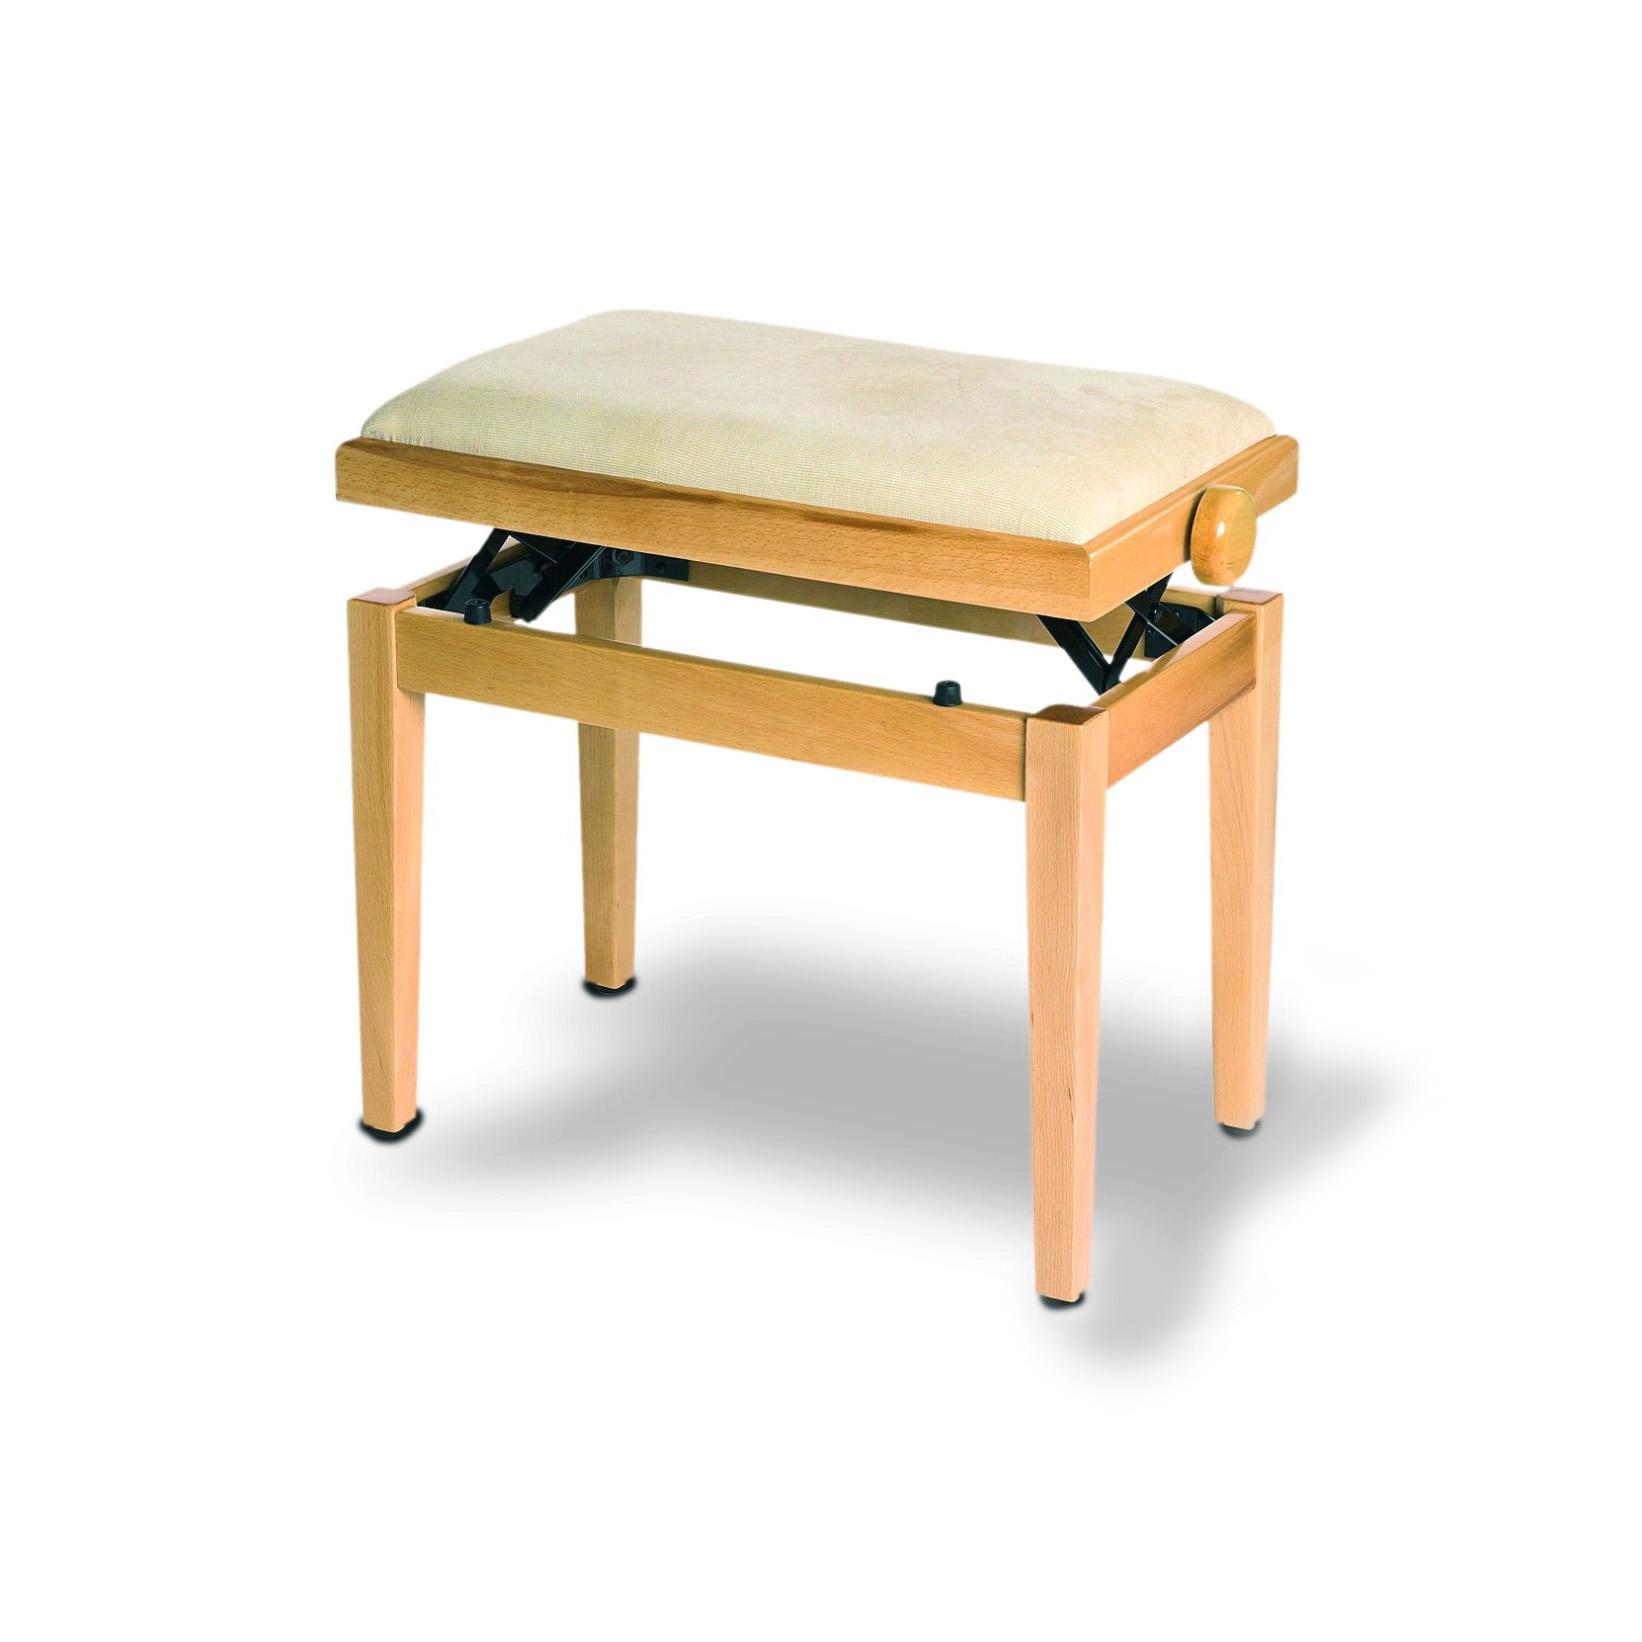 כסא לפסנתר בצבע עץ בהיר